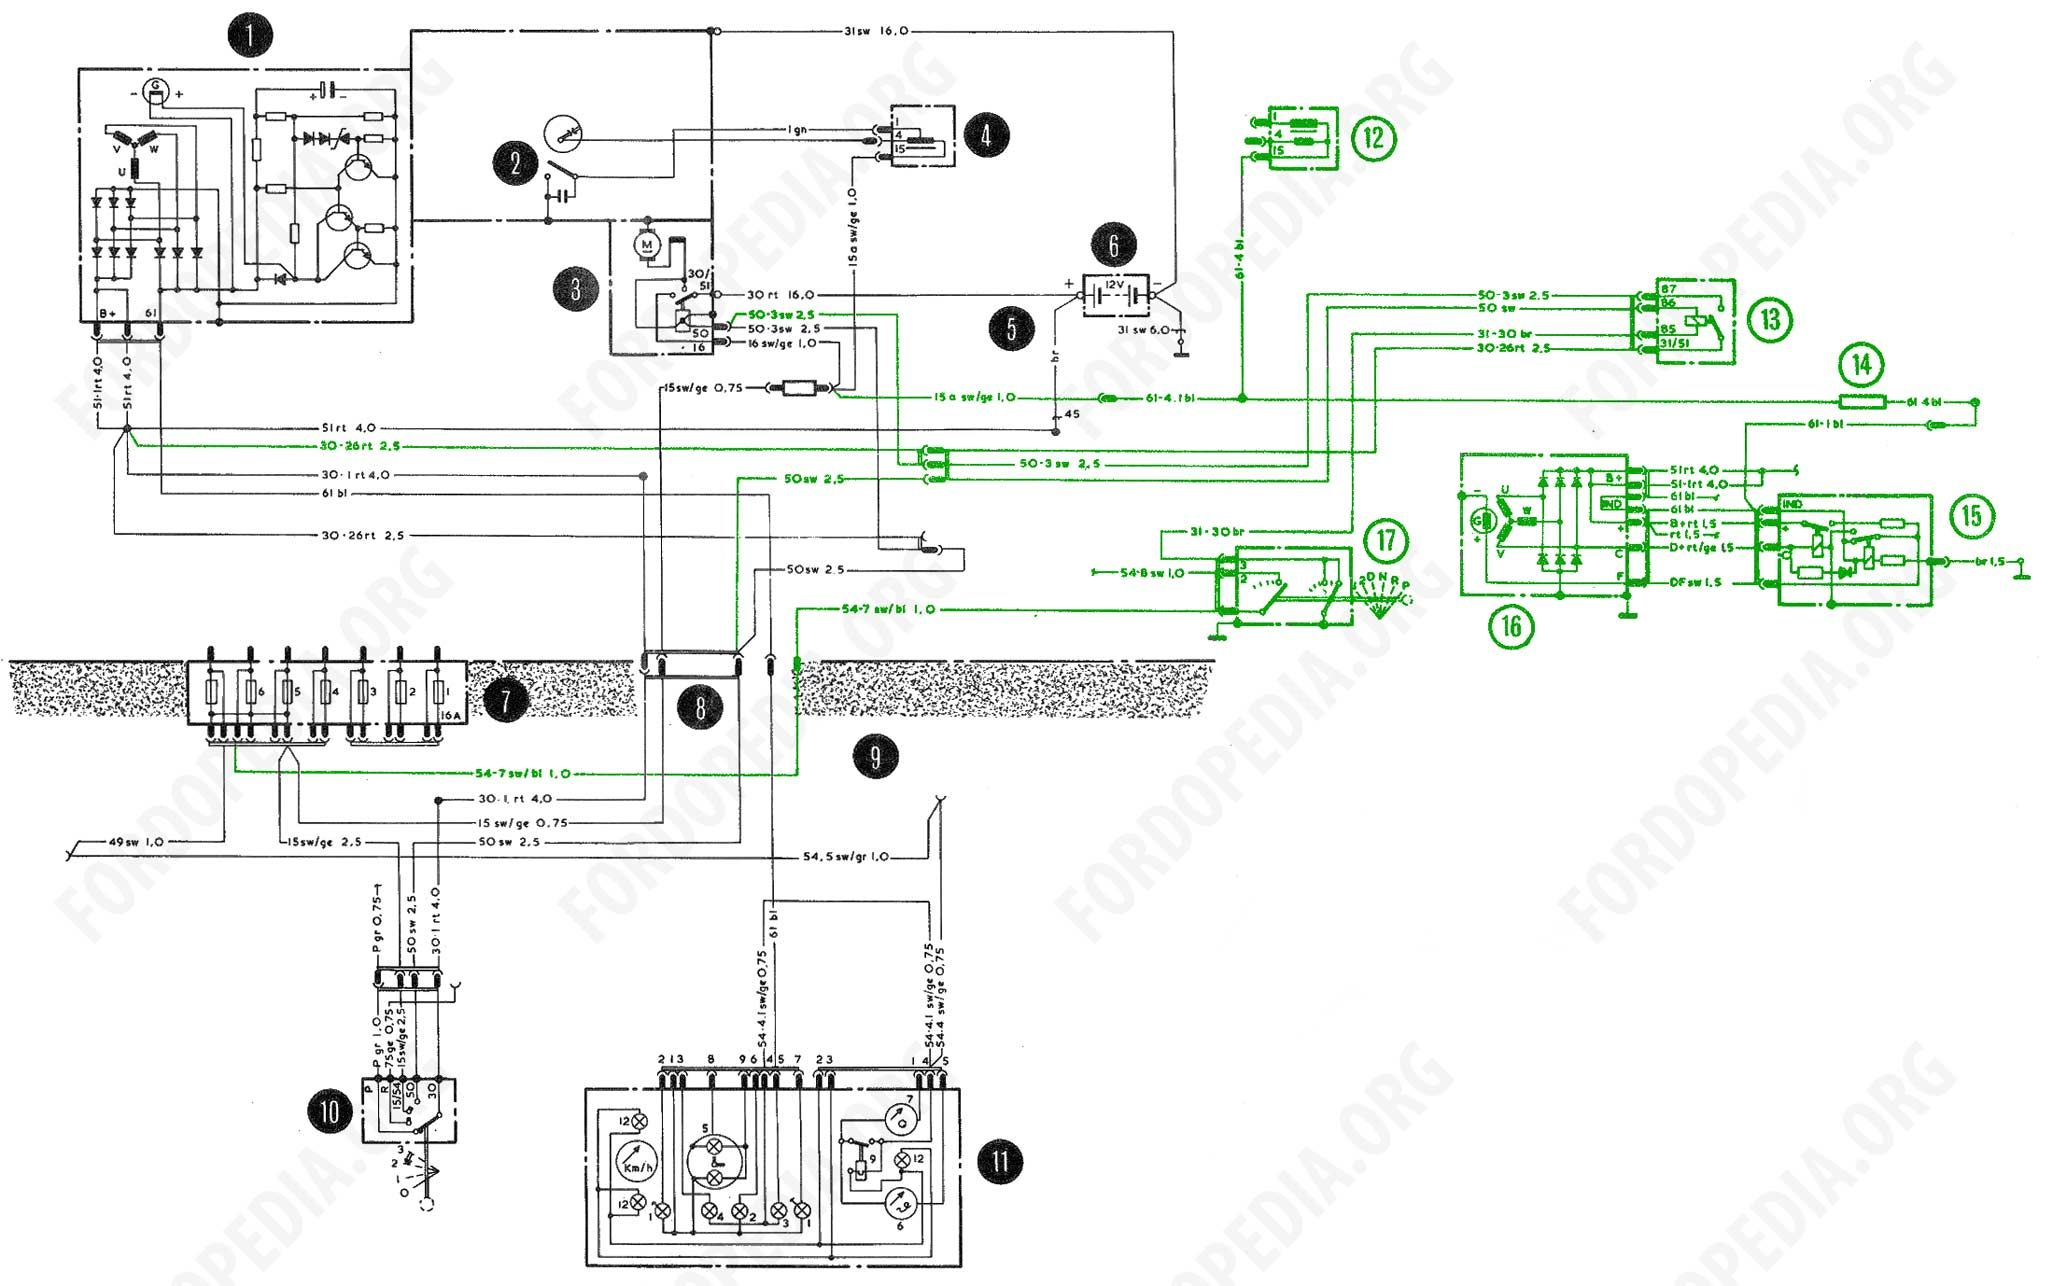 Fordopedia Org Brilliant Starter Motor Diagram Wiring